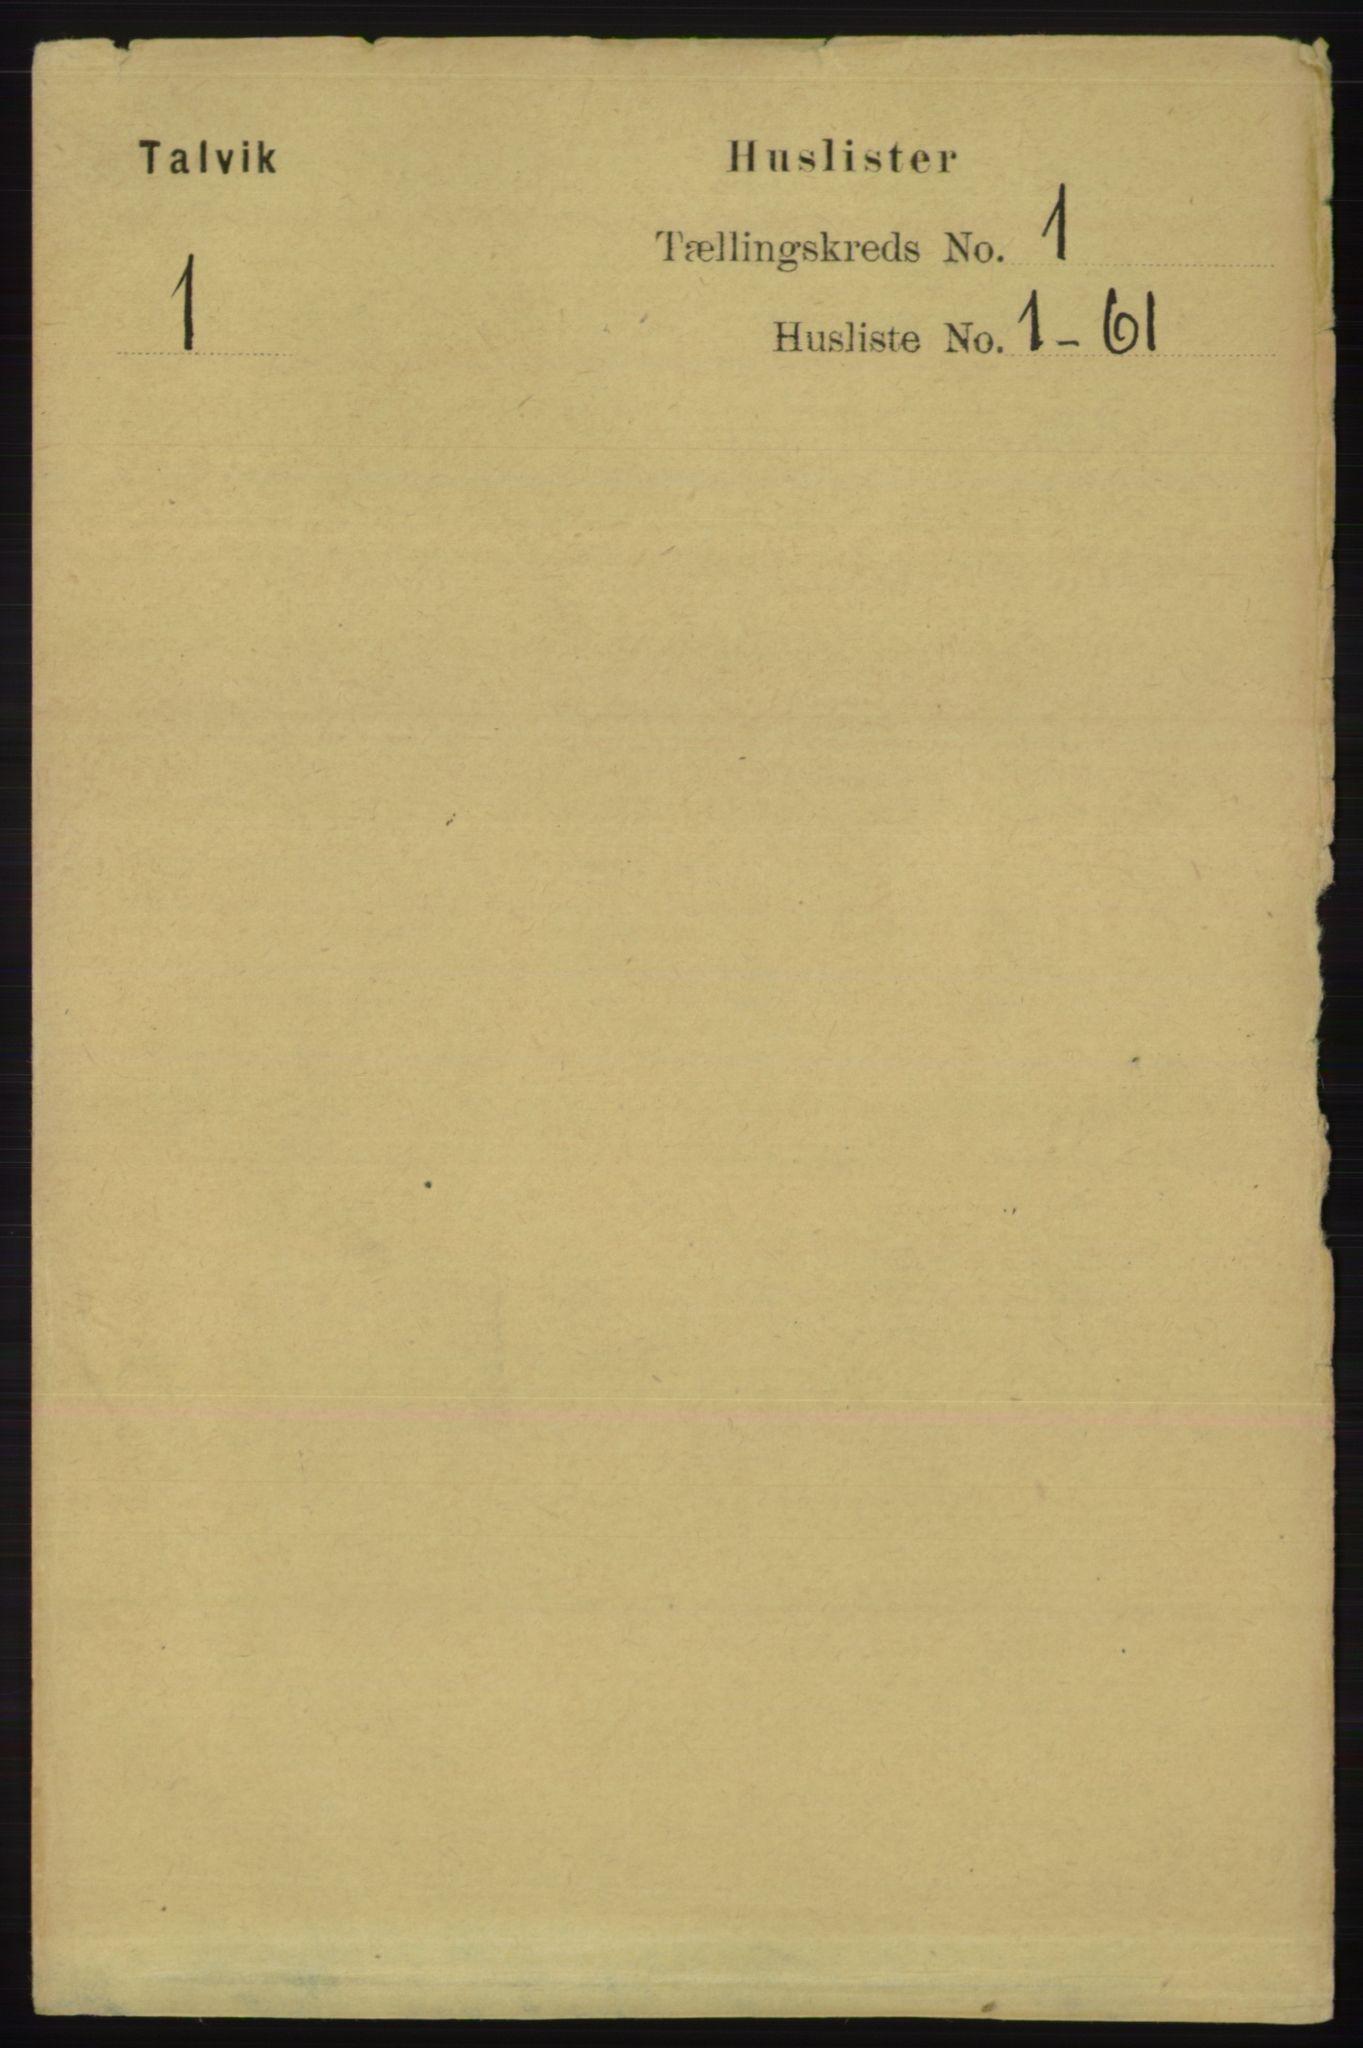 RA, Folketelling 1891 for 2013 Talvik herred, 1891, s. 31